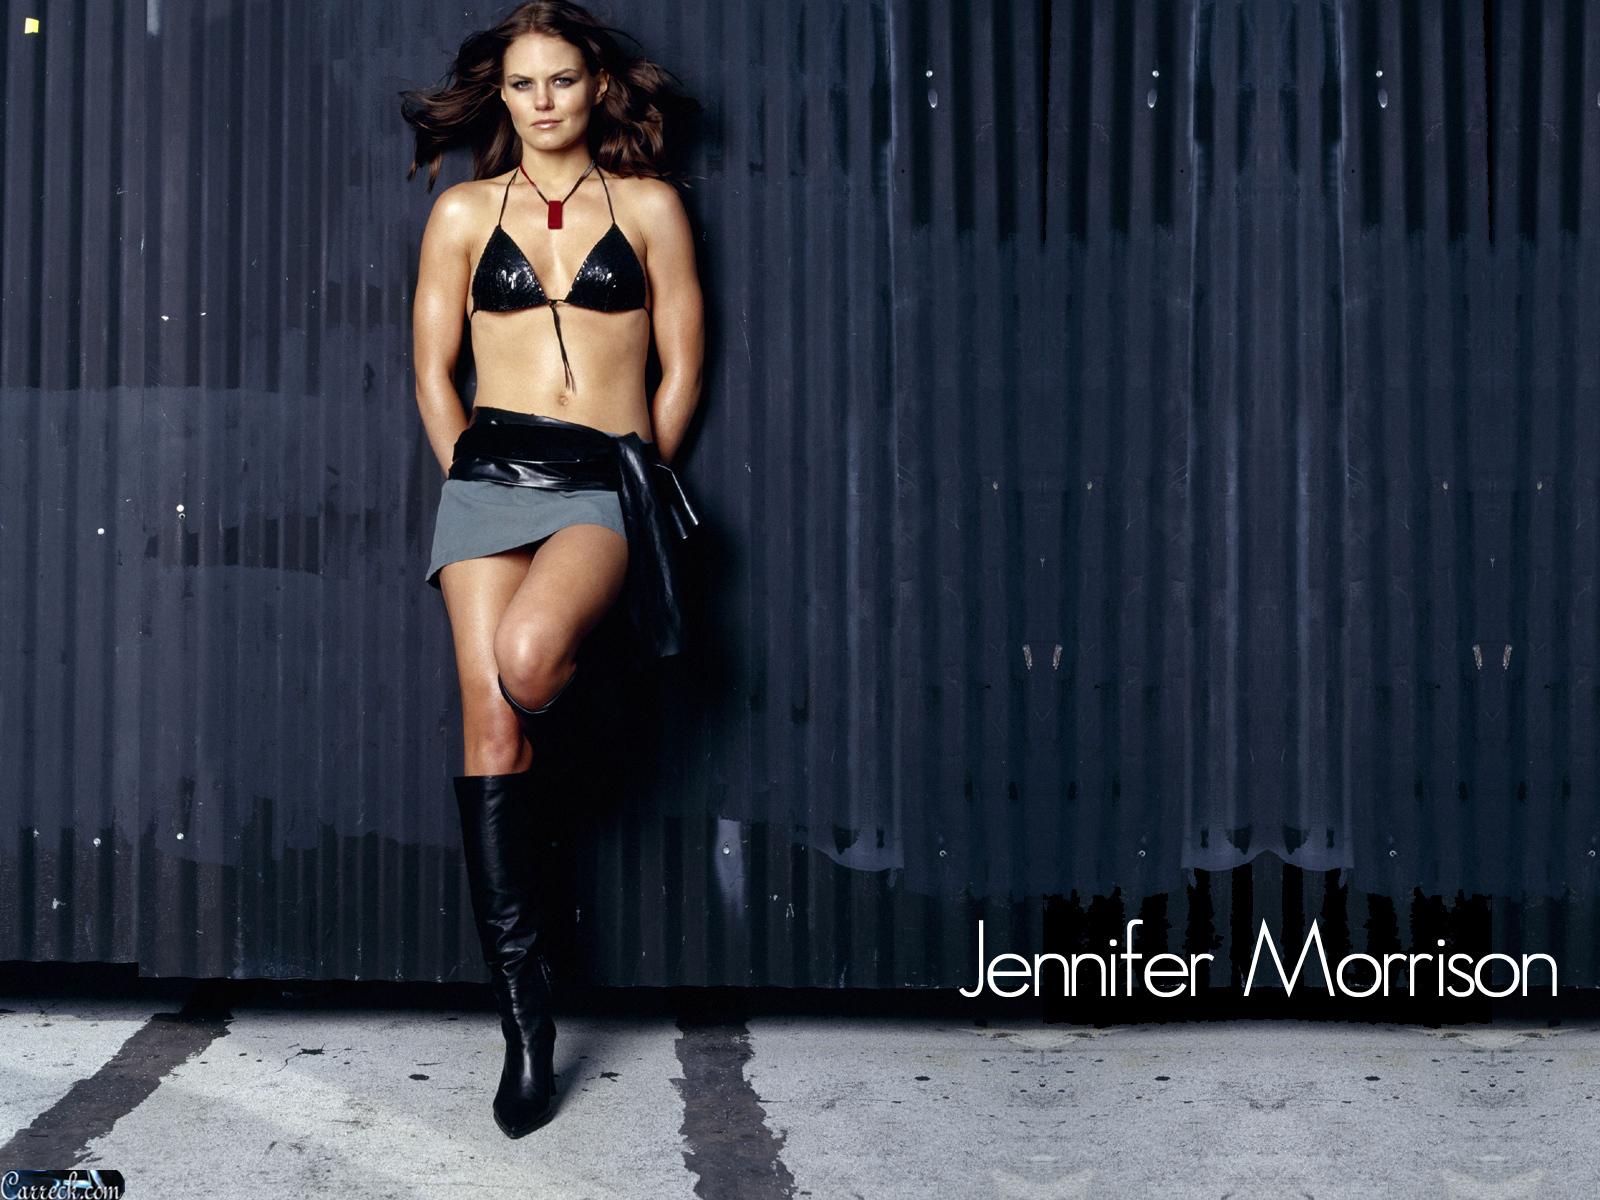 Jennifer-Morrison-jennifer-morrison-20863668-1600-1200